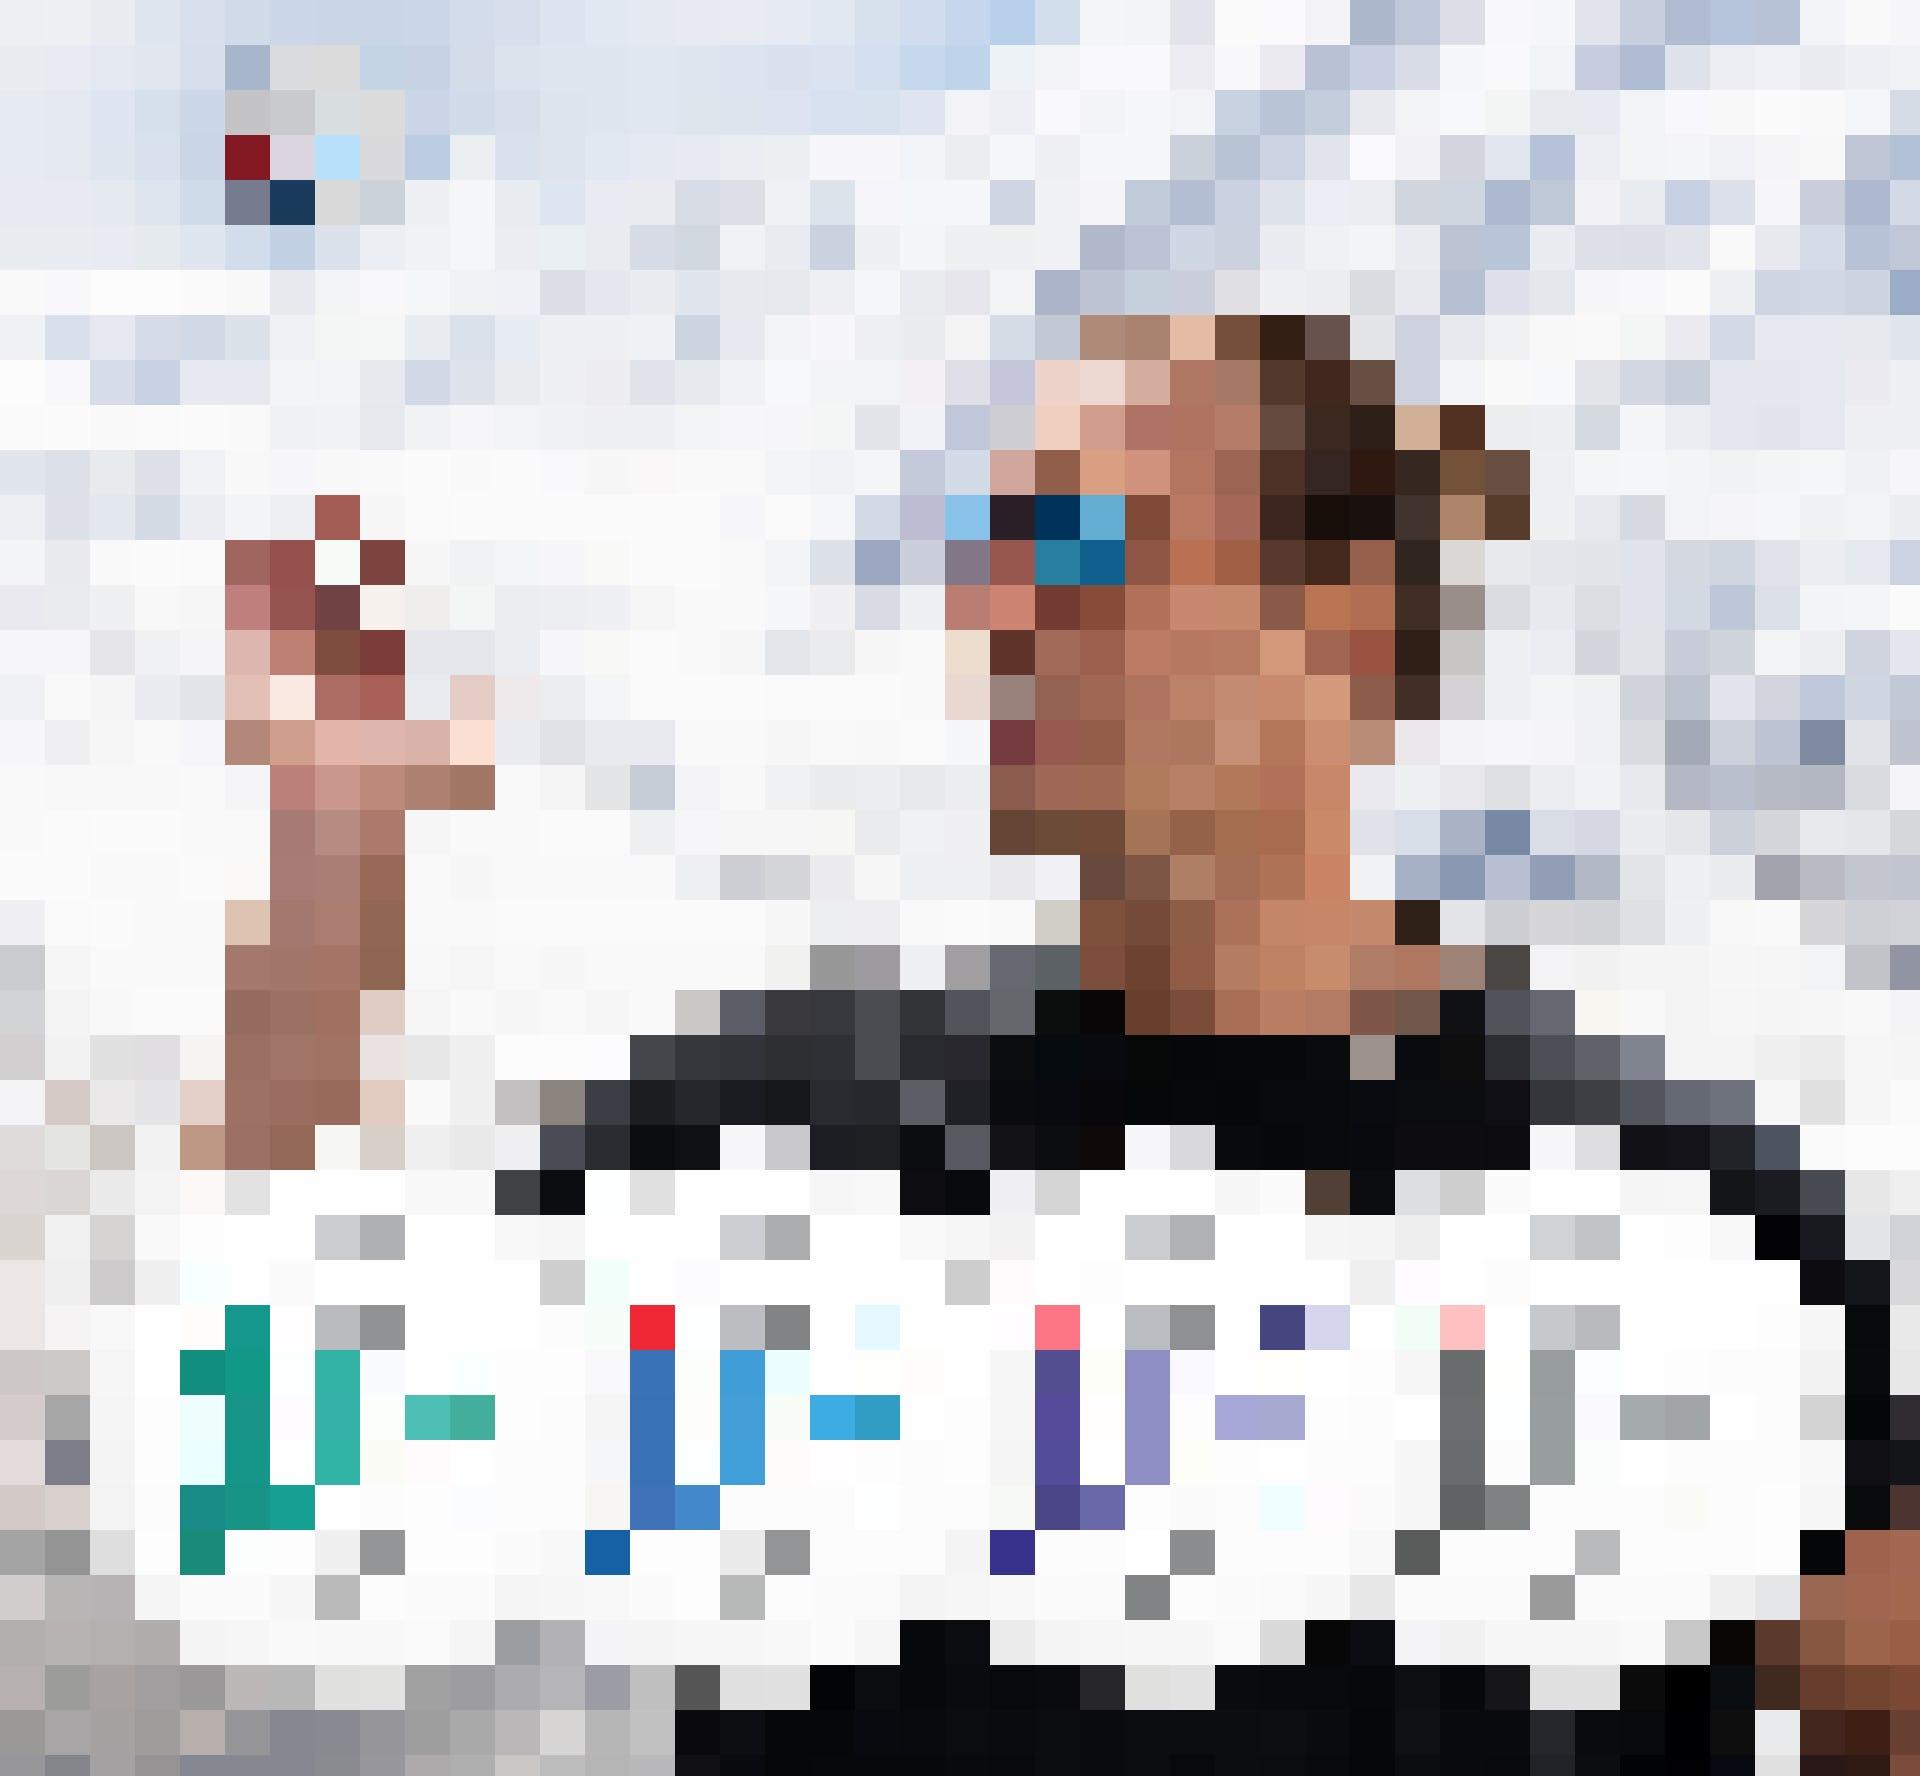 Découvre les saveurs mentionnées ci-dessus et bien d'autres encore sur velo.com/ch et trouve ton VELO idéal